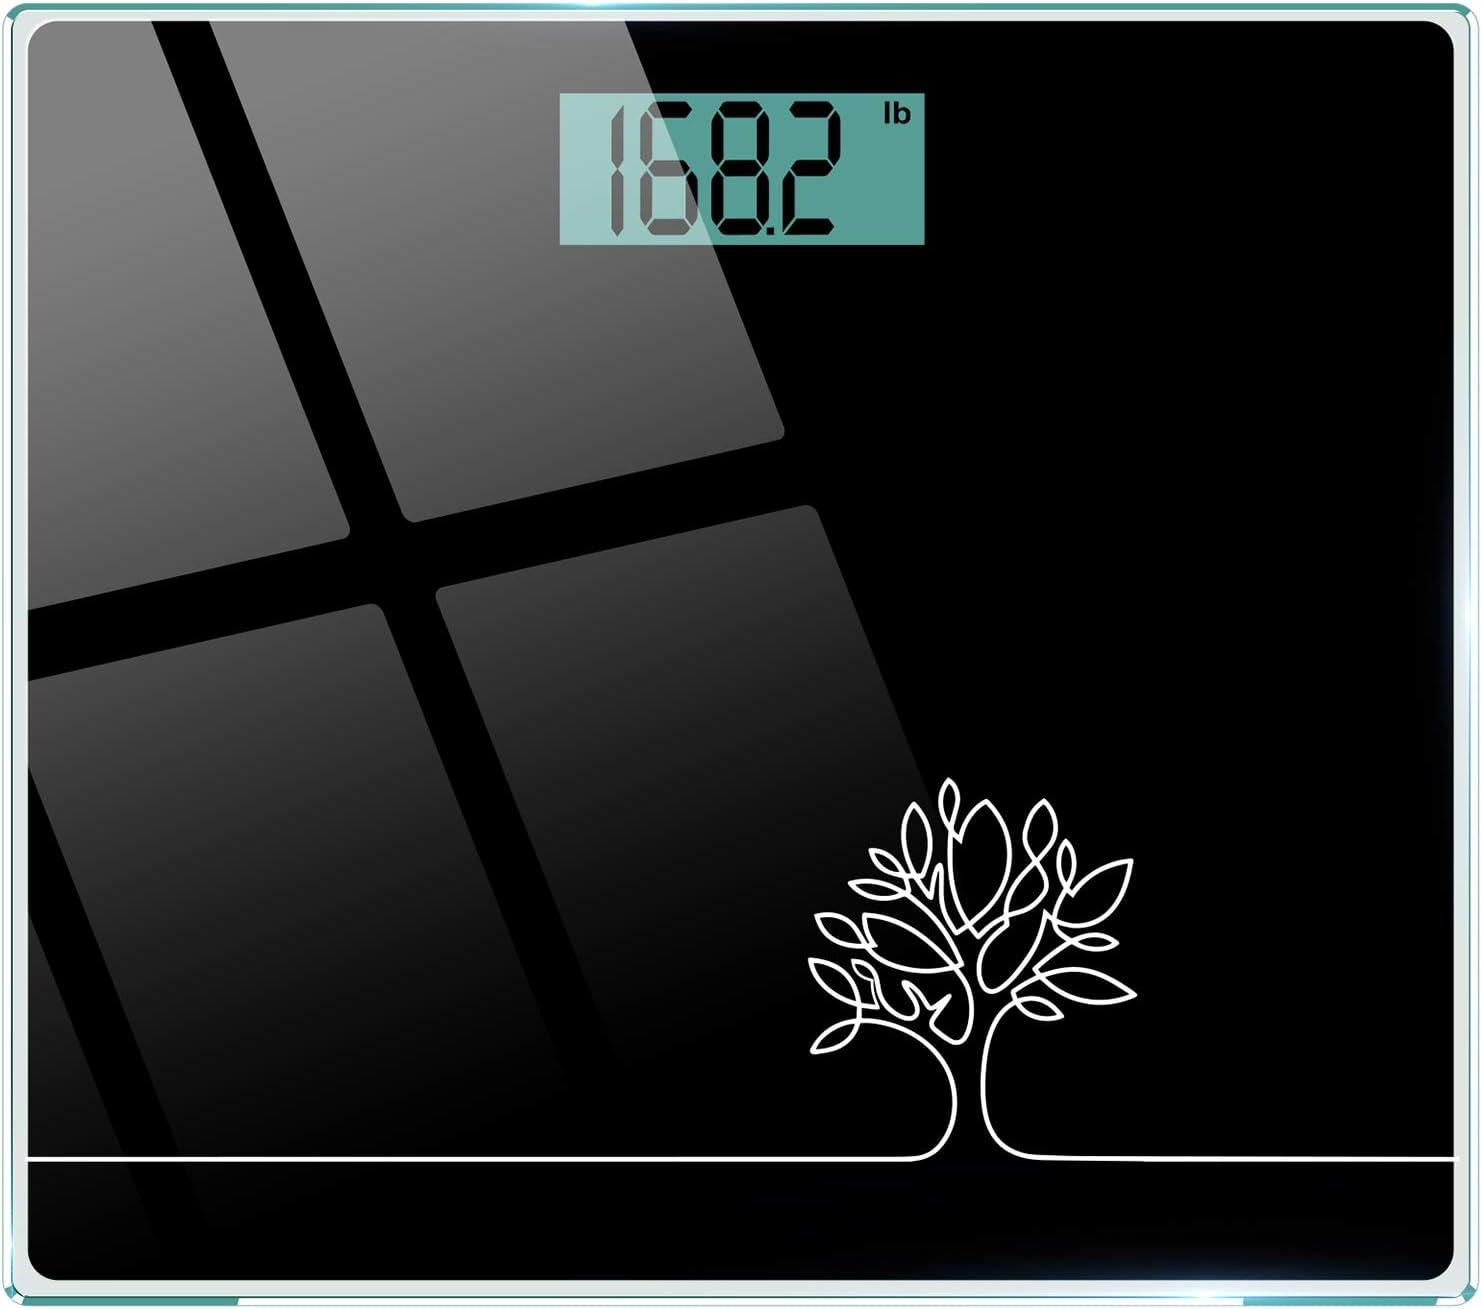 Cocoda Bascula de Baño, Vasculas de Peso Digital con Unidades st/lb/kg, Tecnología Step-On, Alta Precisión 0.1kg/0.2lb, Vidrio Templado Resistente de 6mm, 150kg/330lb/24st (Negro Elegante): Amazon.es: Salud y cuidado personal